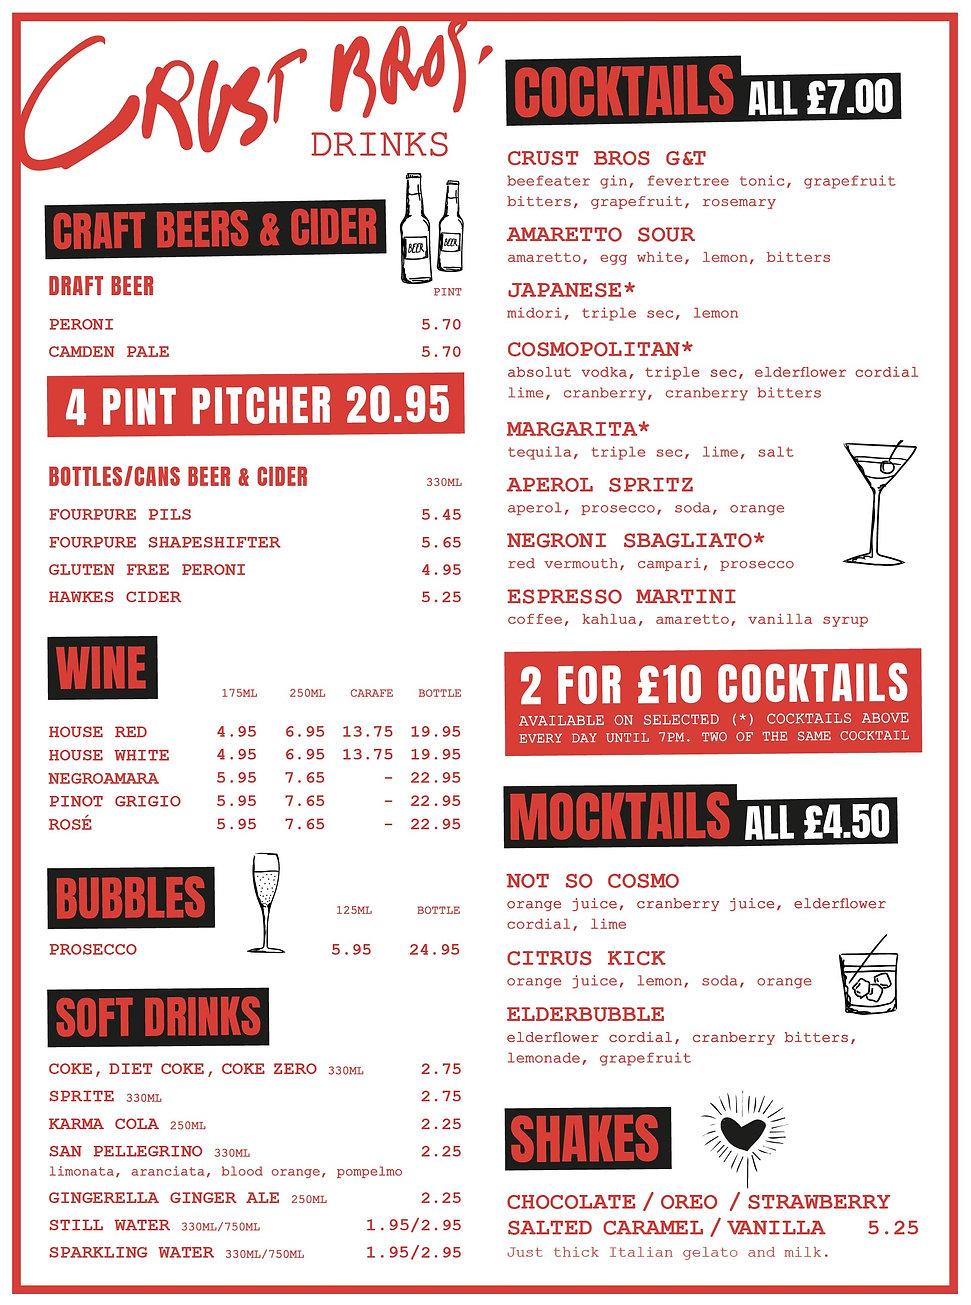 crust-bros-drinks-menu-web-29.10.19.jpg